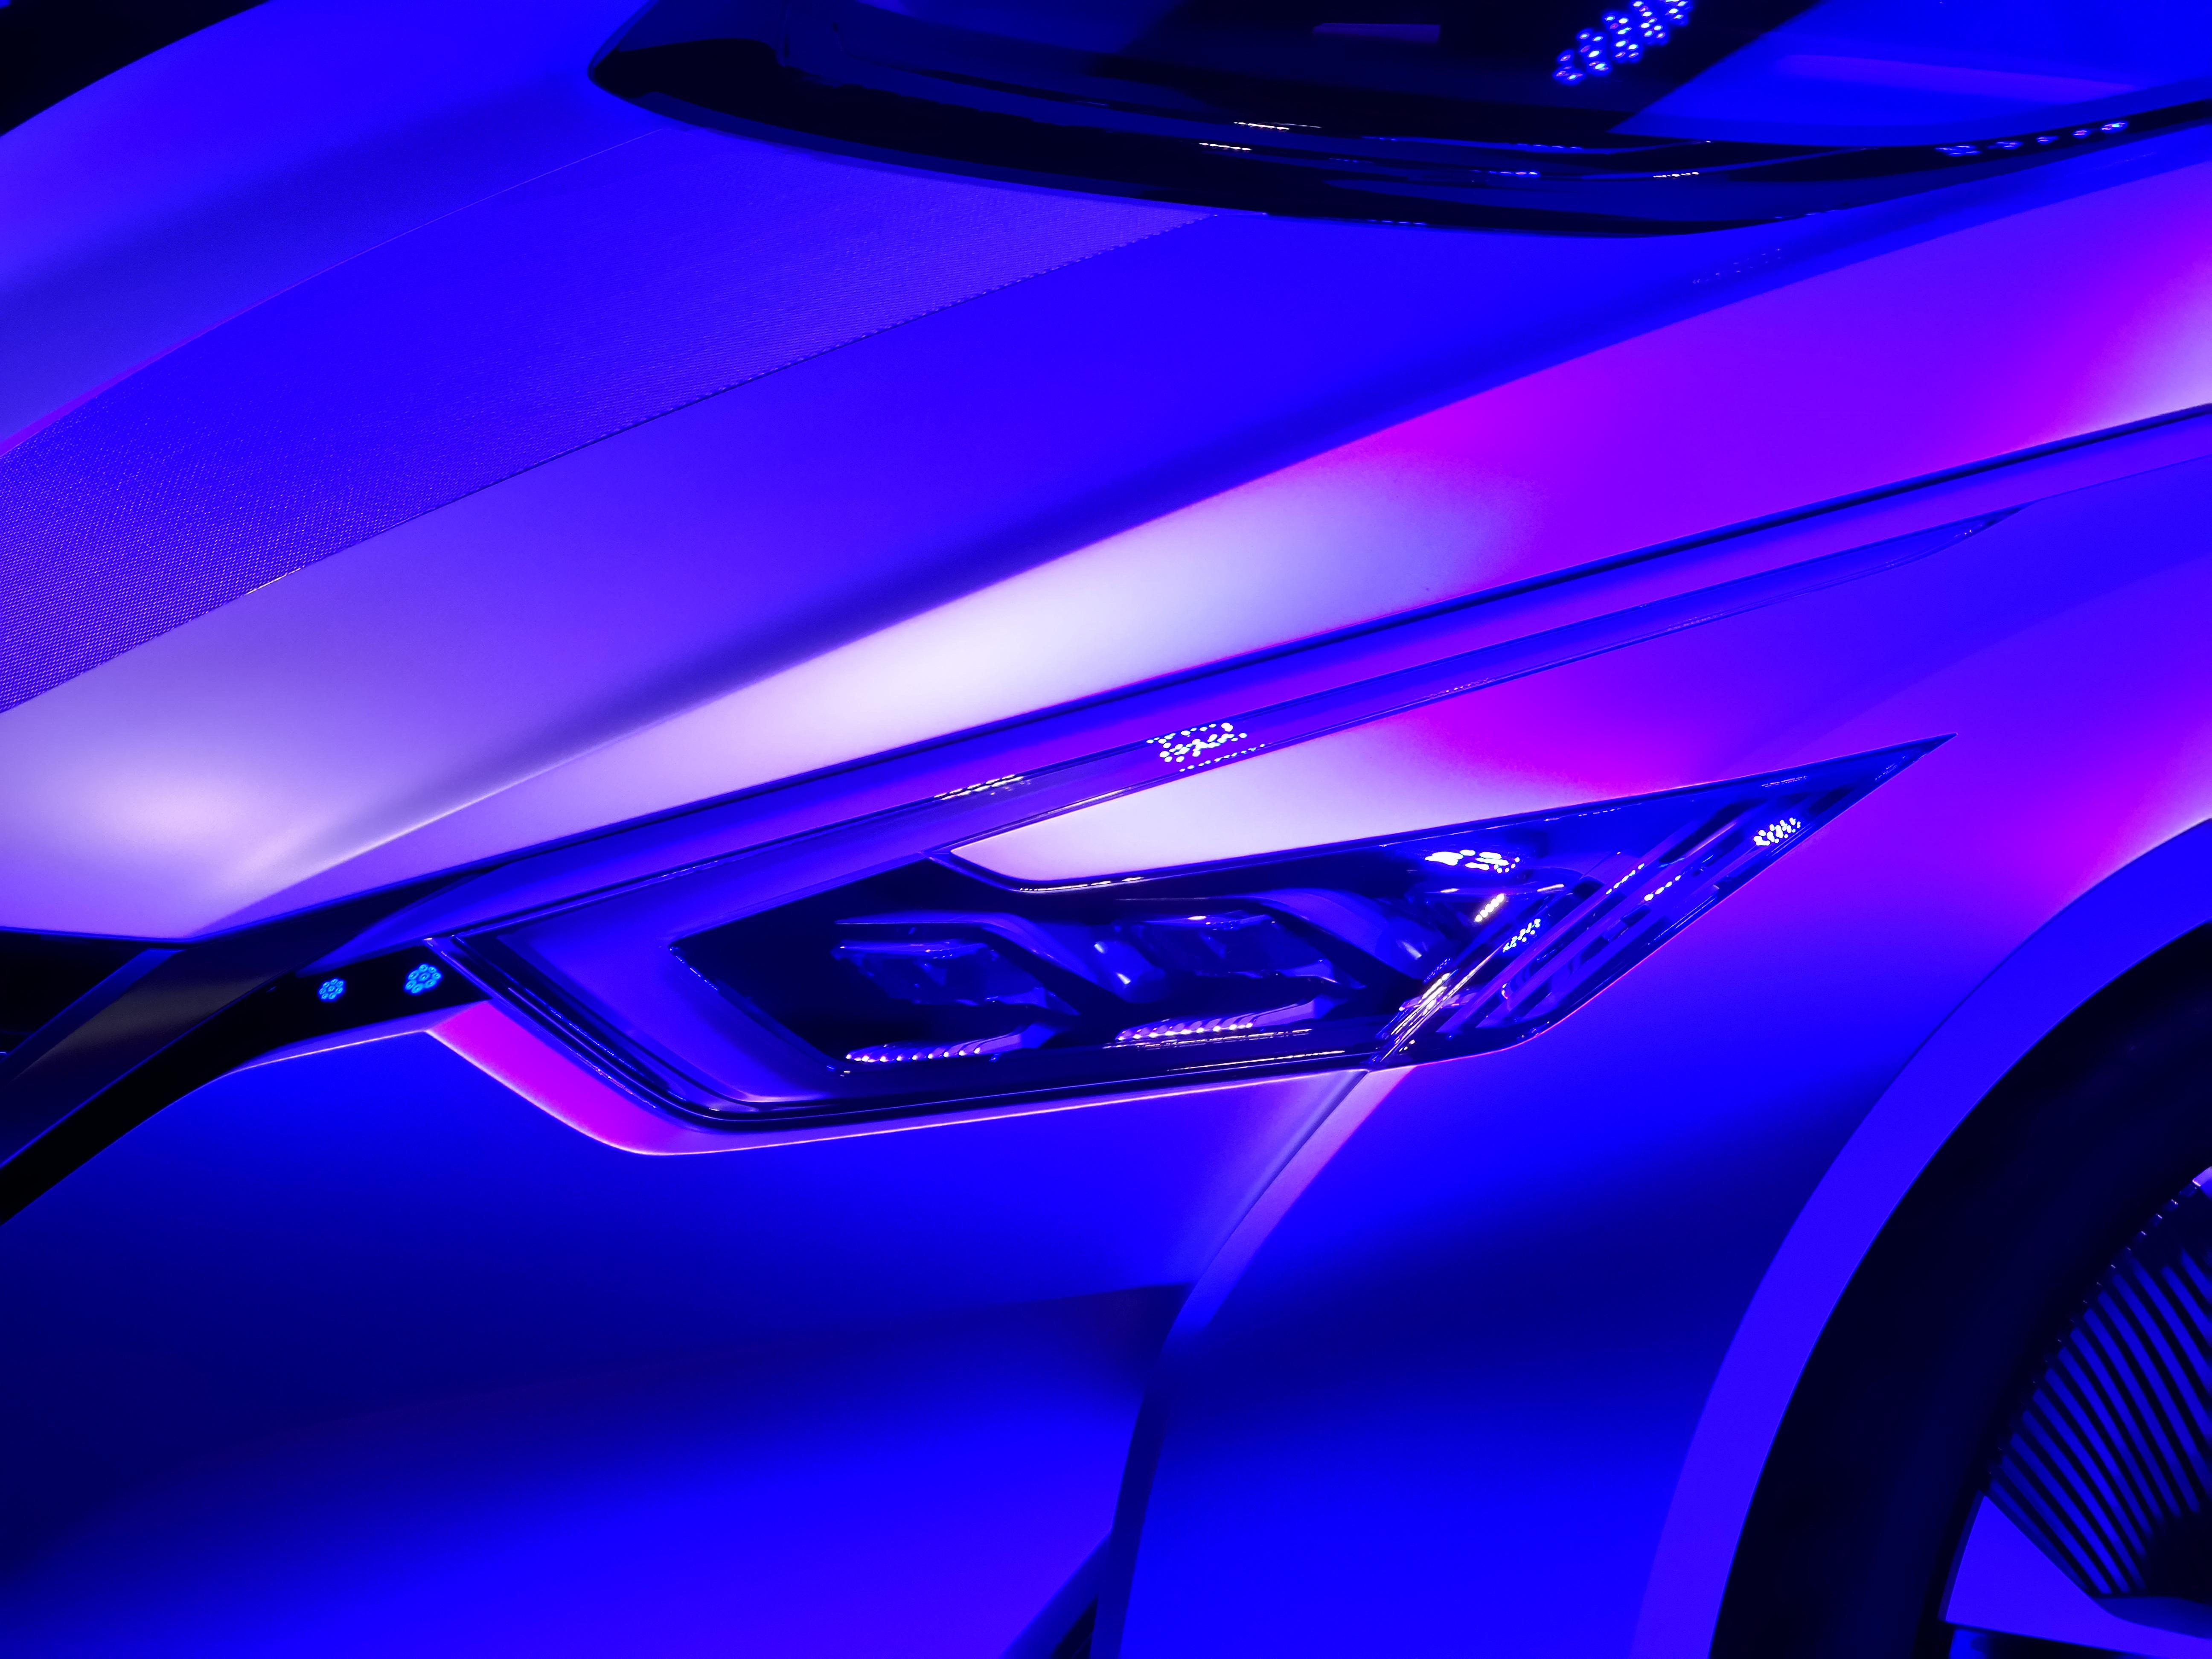 Free Images Light Car Wheel Automobile Purple Vehicle Bumper